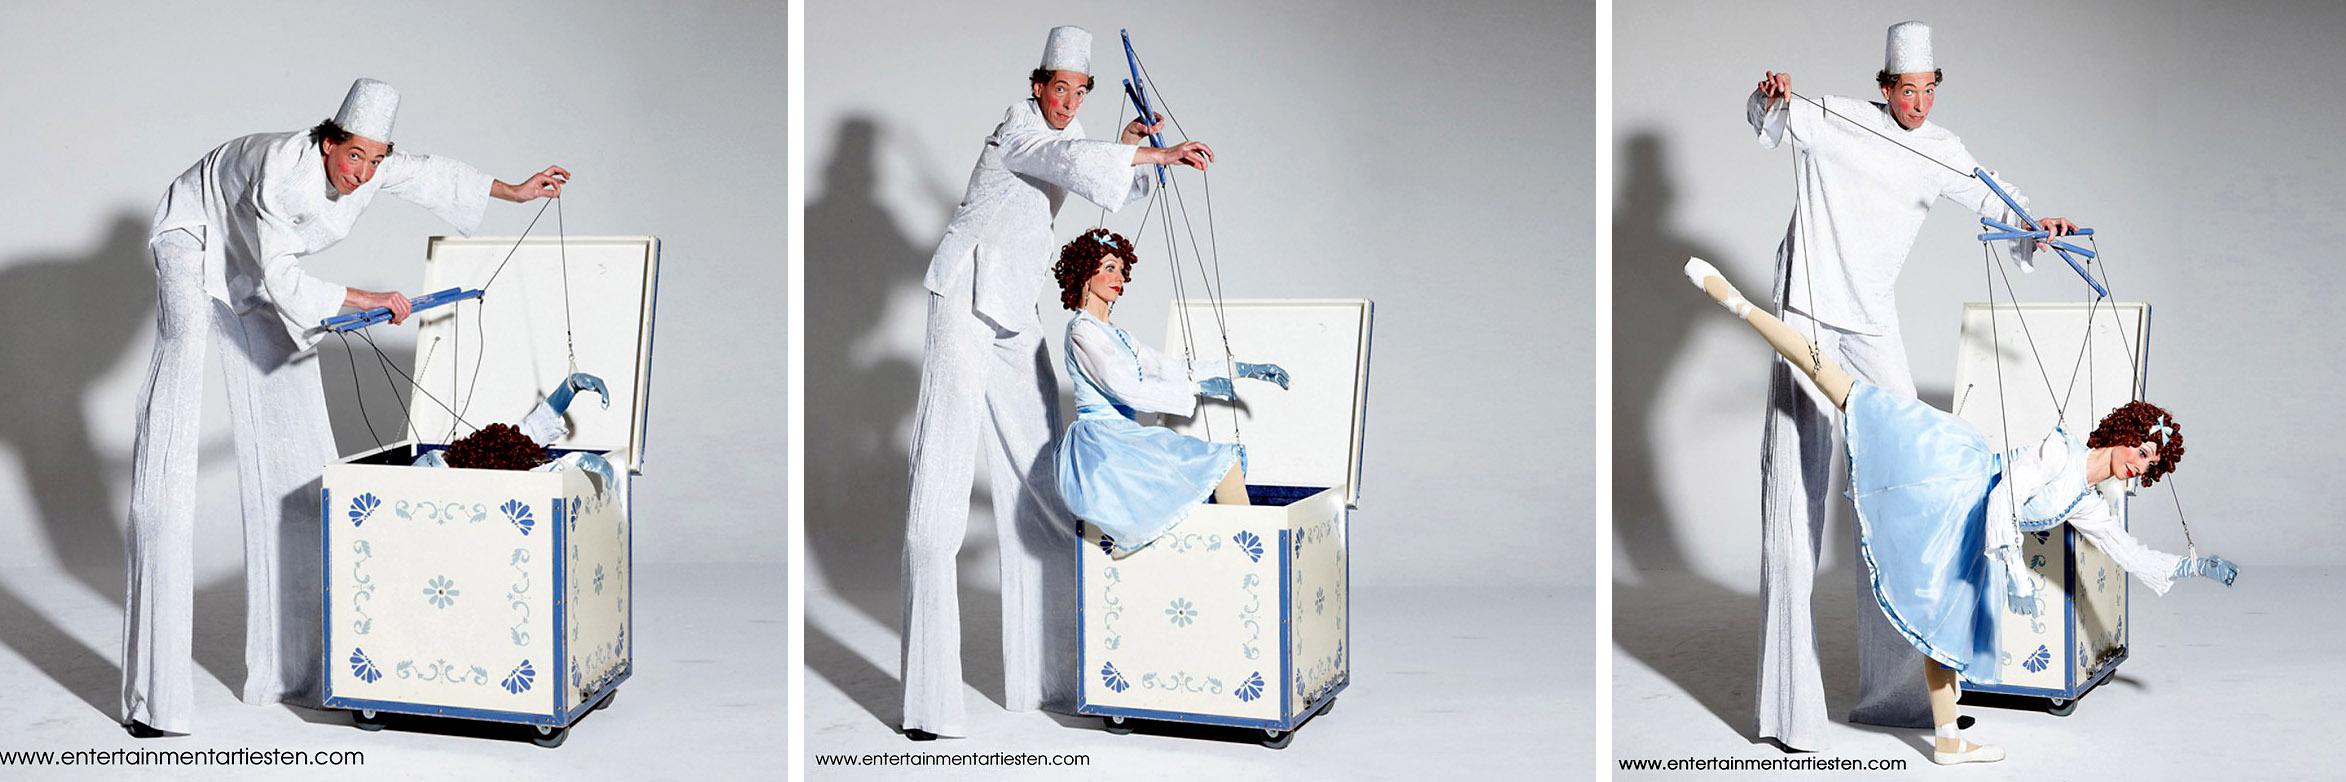 Steltentheater met marionettepop: Door middel van haar fraaie bewegingen bespeelt ze het publiek. Steltenloper, steltenact, steltentheater, straattheater op stelten, Govers Evenementen, www.goversartiesten.nl